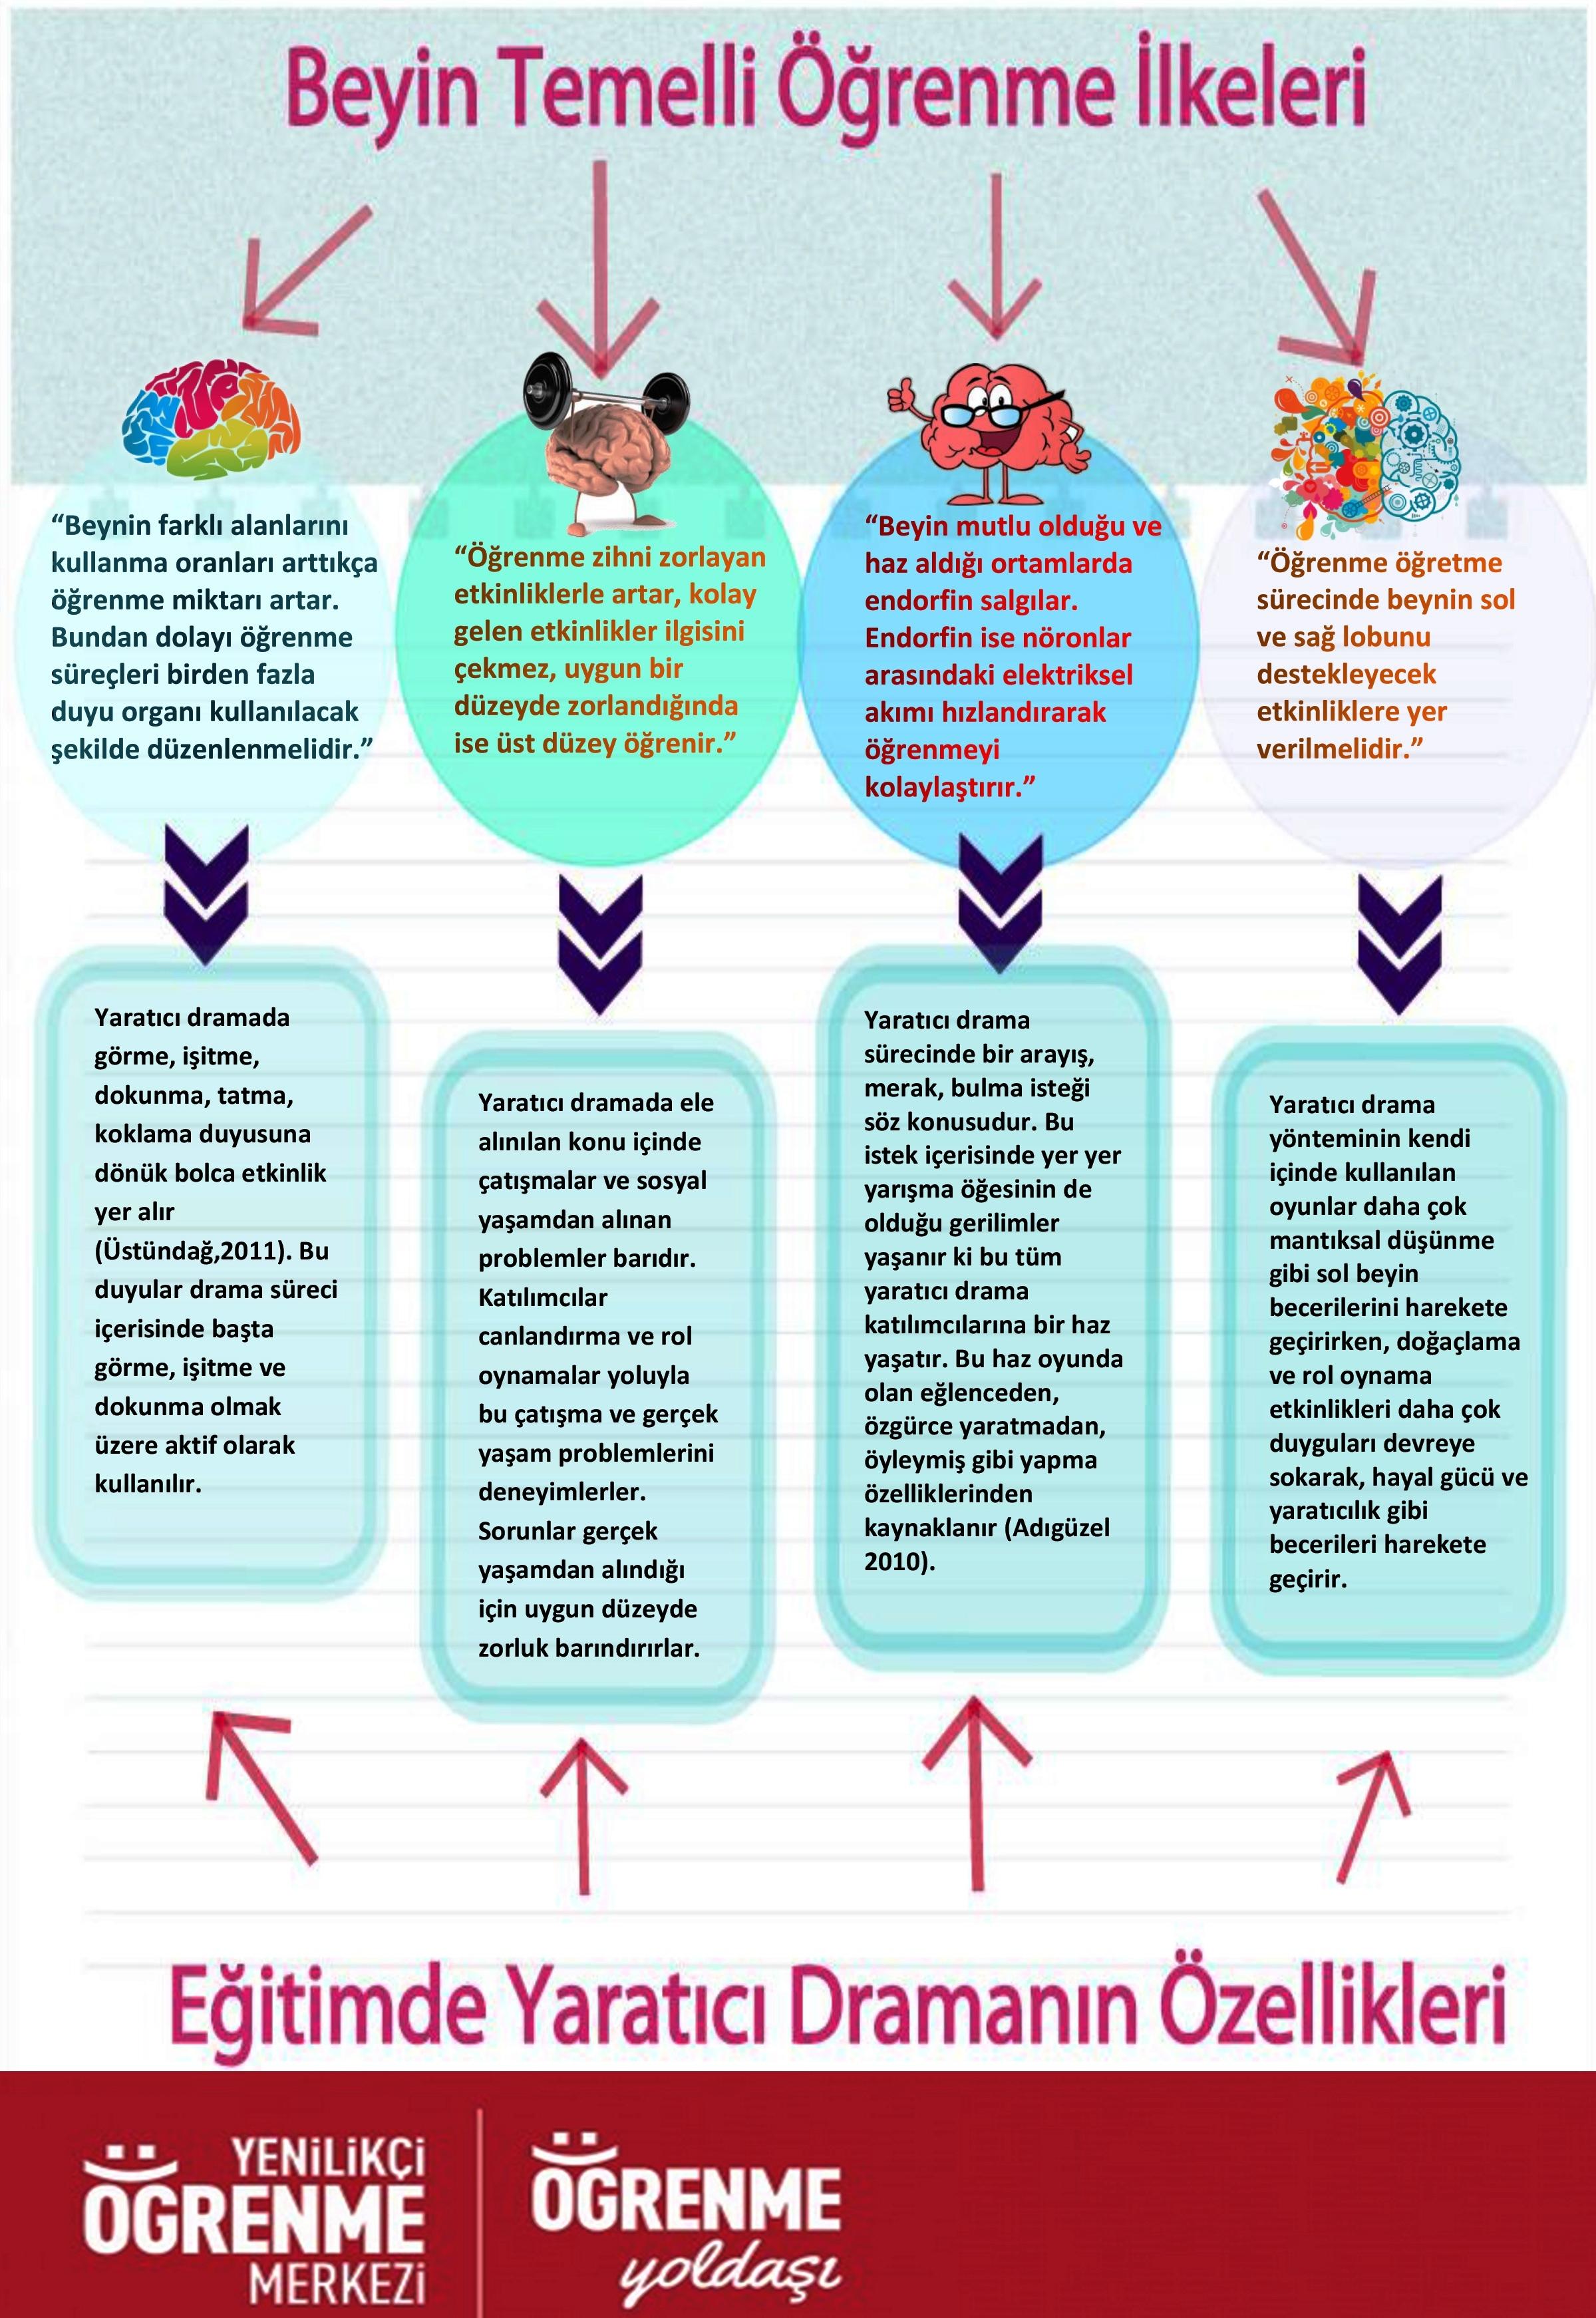 Beyin Temelli Öğrenme İçin Yaratıcı Drama (1)